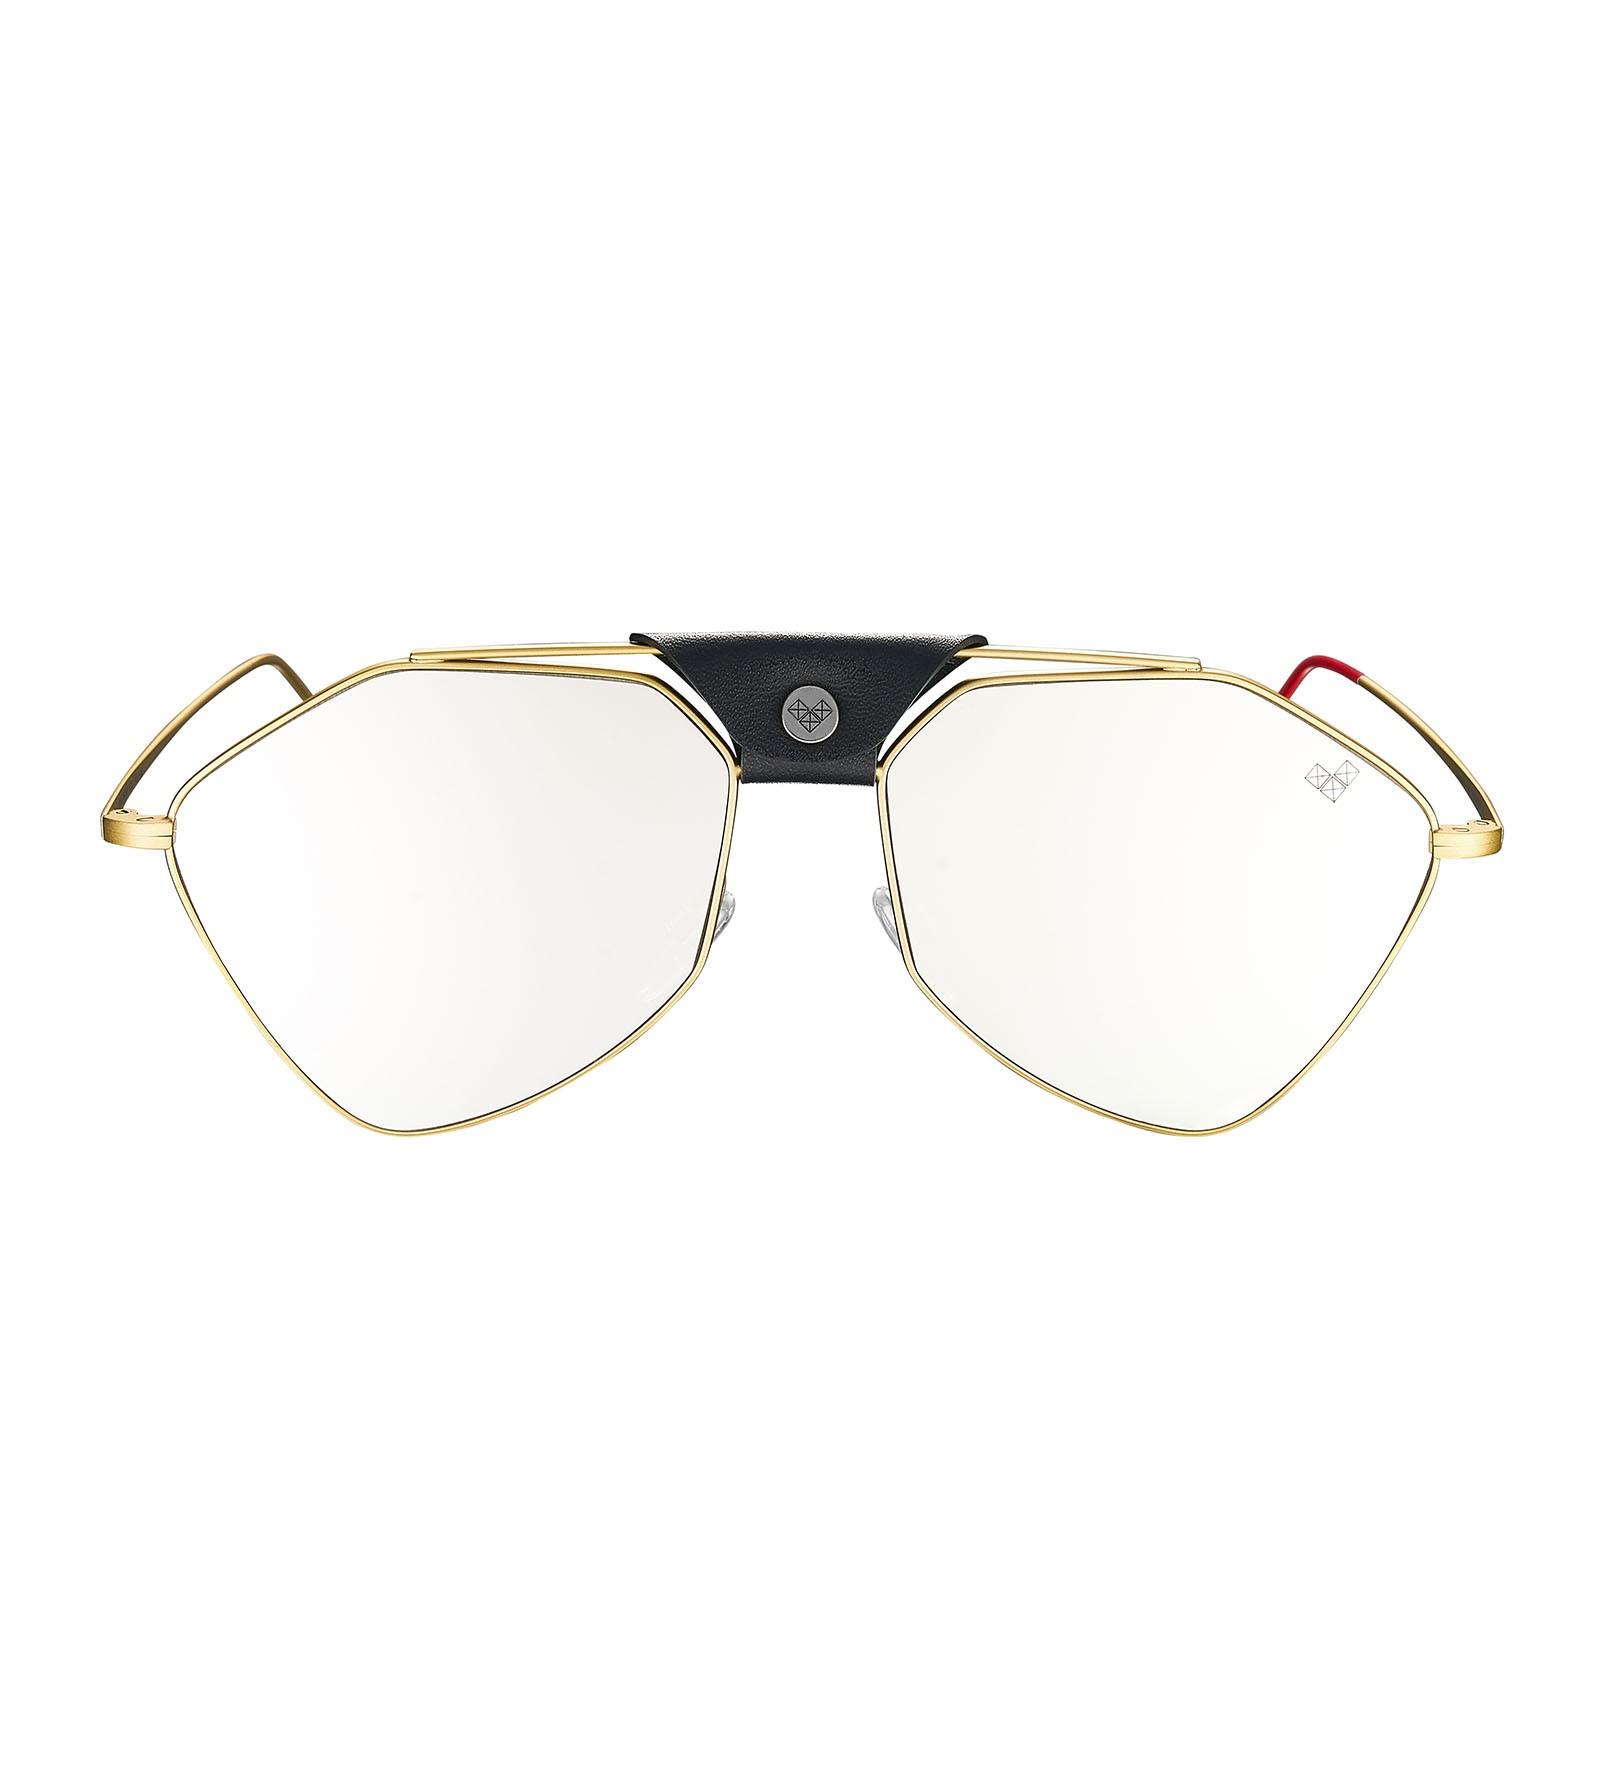 23e8548d5 Vysen Letec 7S Dourado Lentes Espelhadas Prata - Oculos de Sol